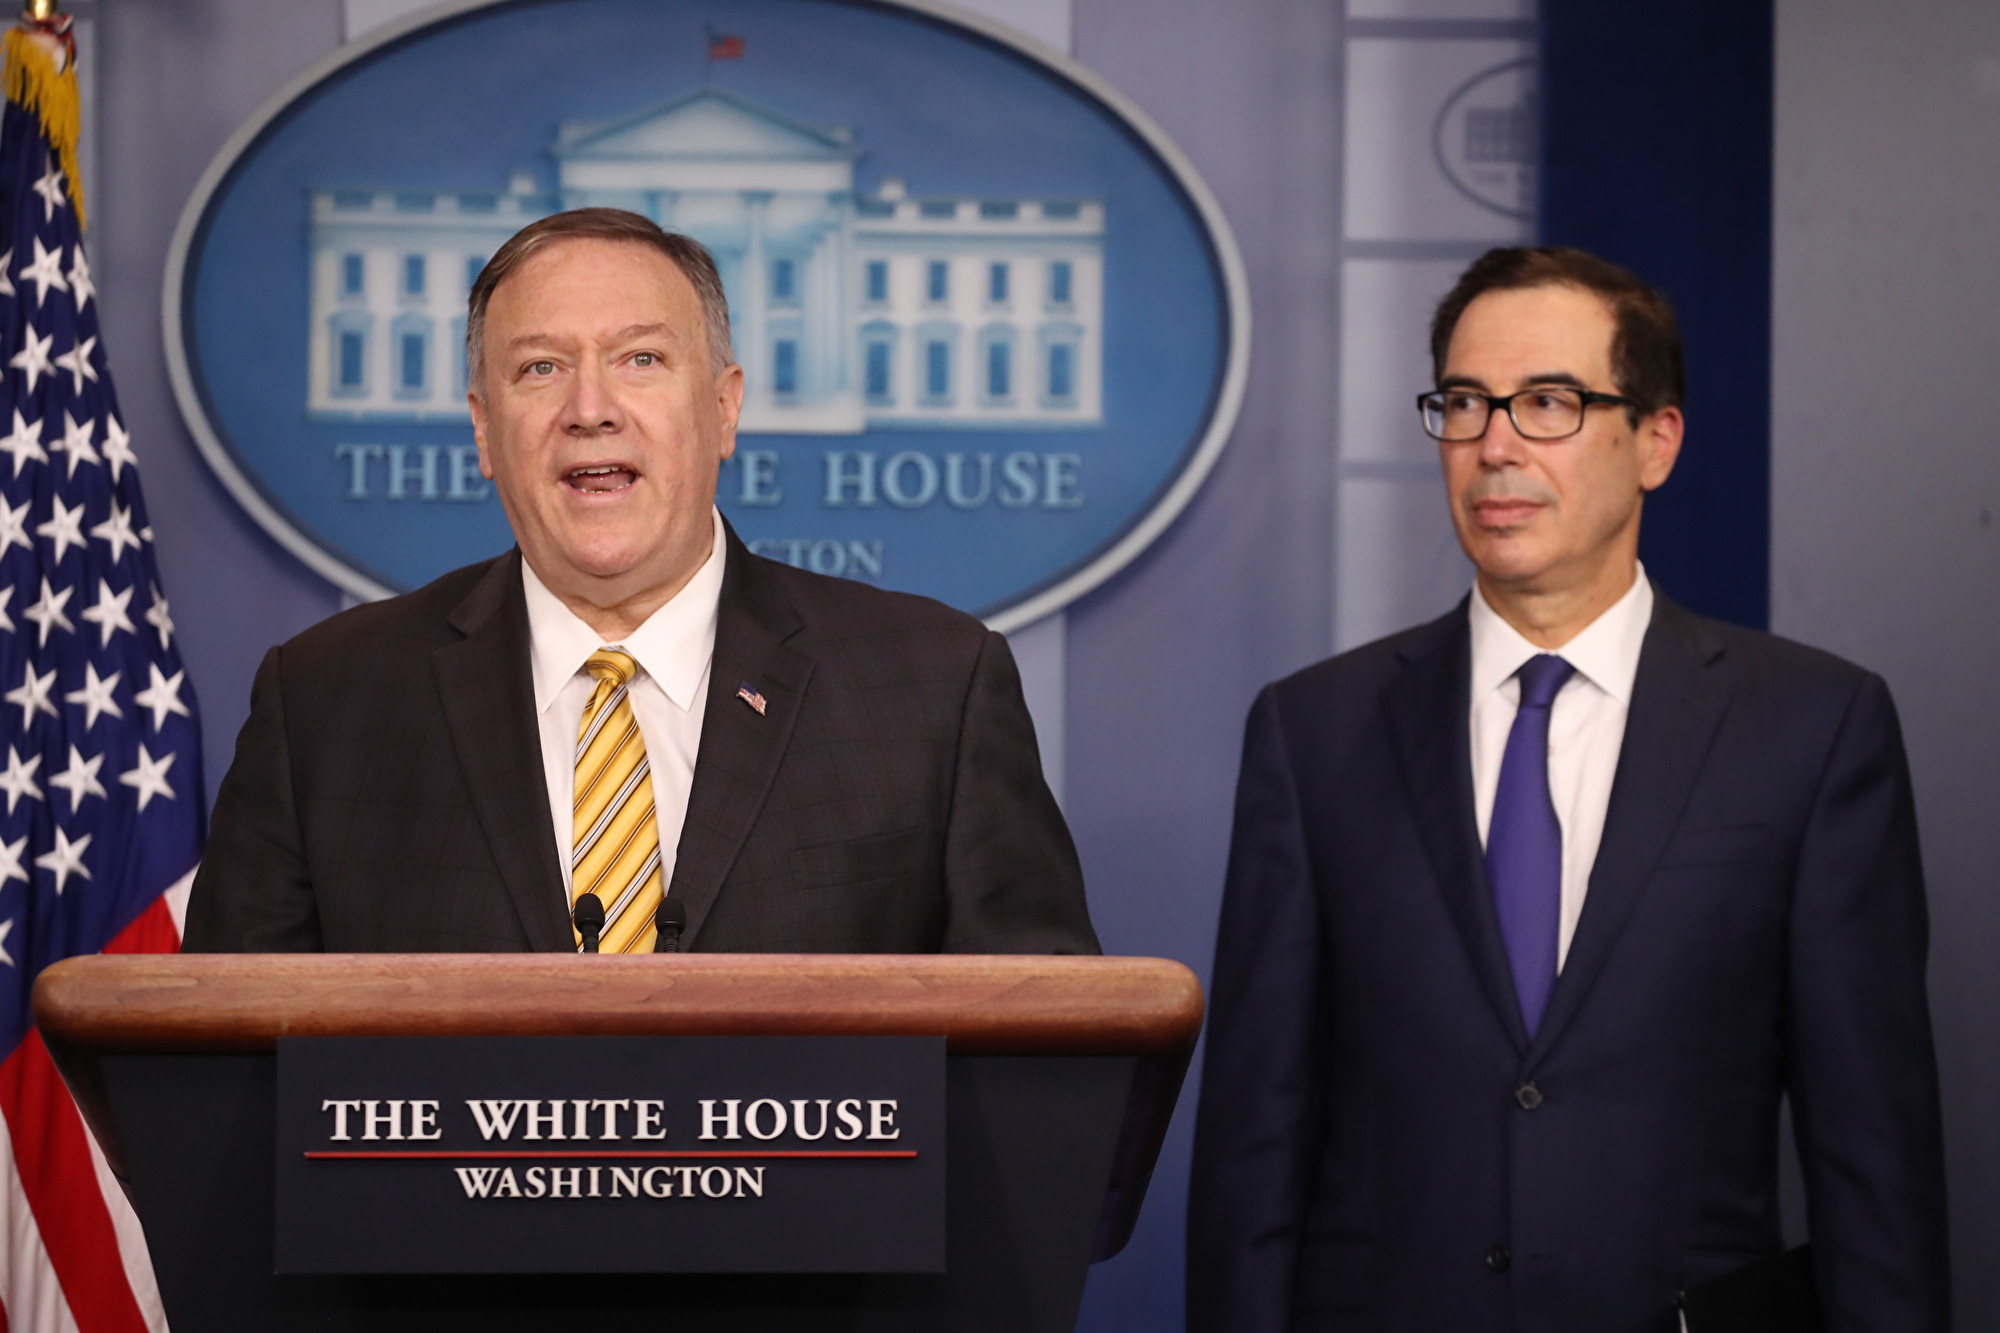 蓬佩奧:特朗普解僱博爾頓 但外交政策不變